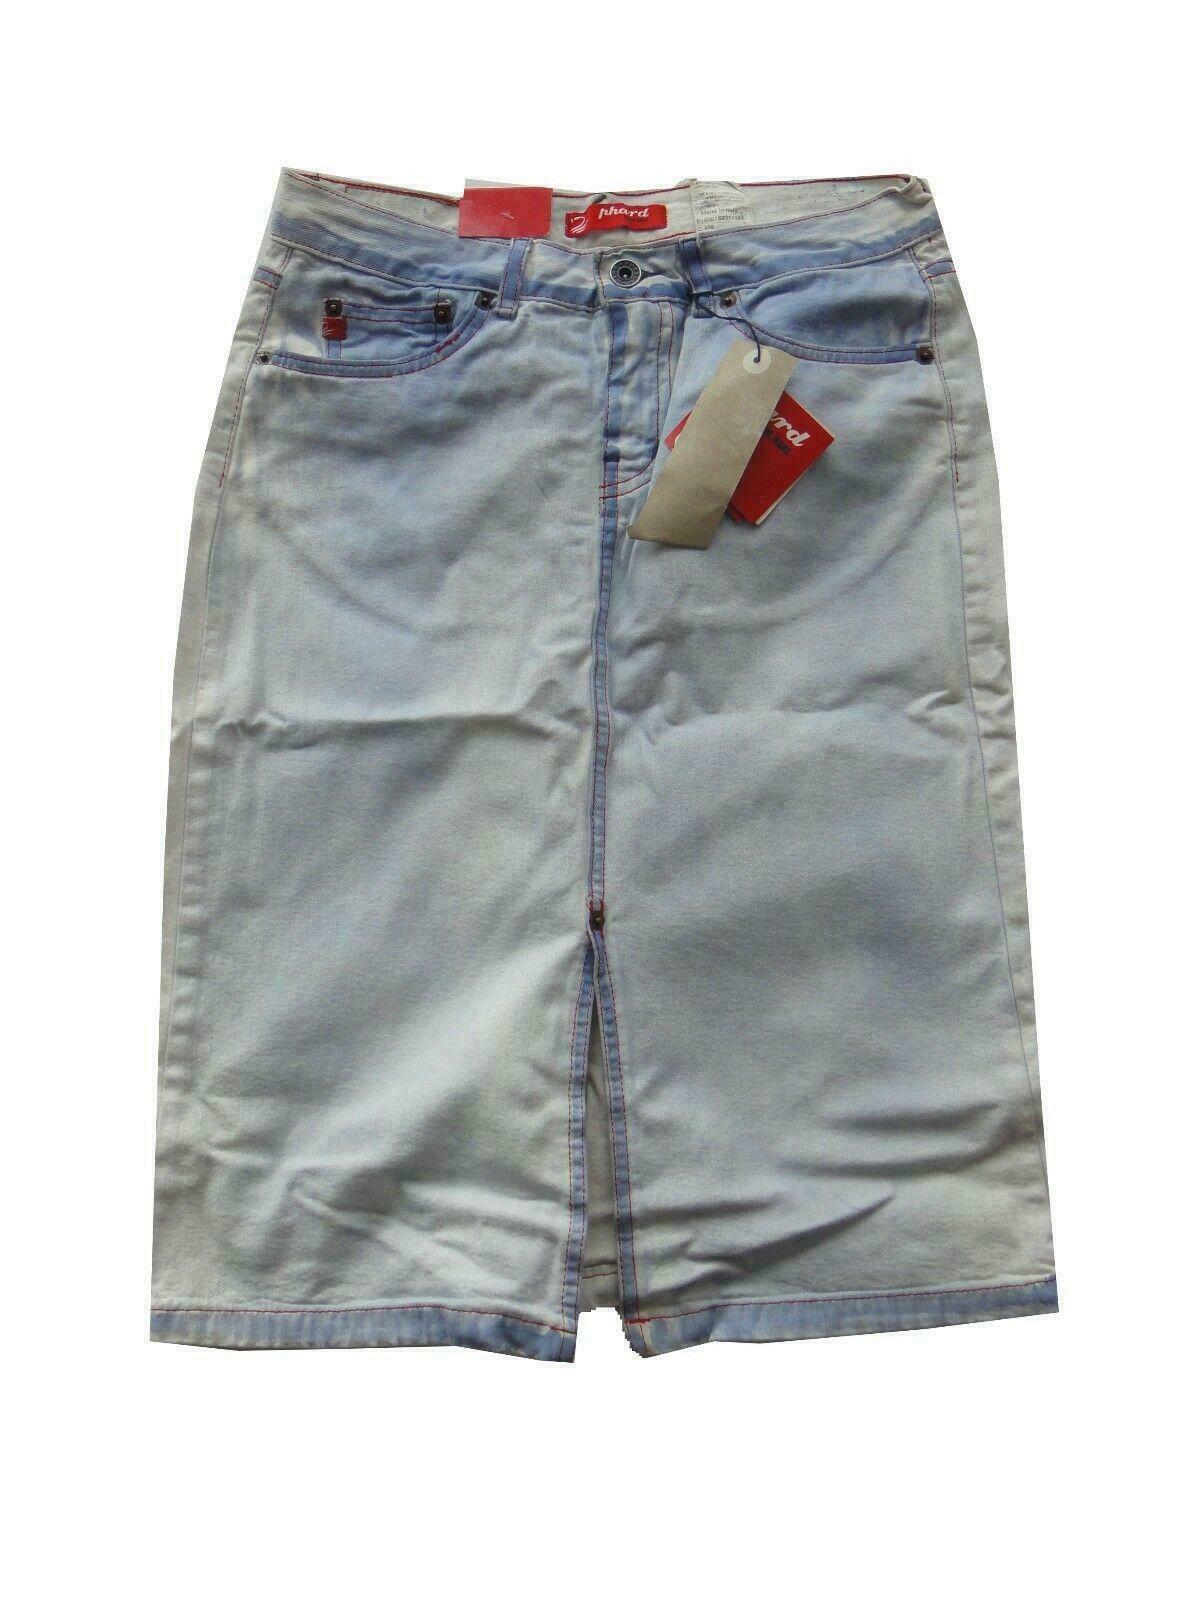 25481 Damen Rock Jeans Phard Gr. 34 hell blau